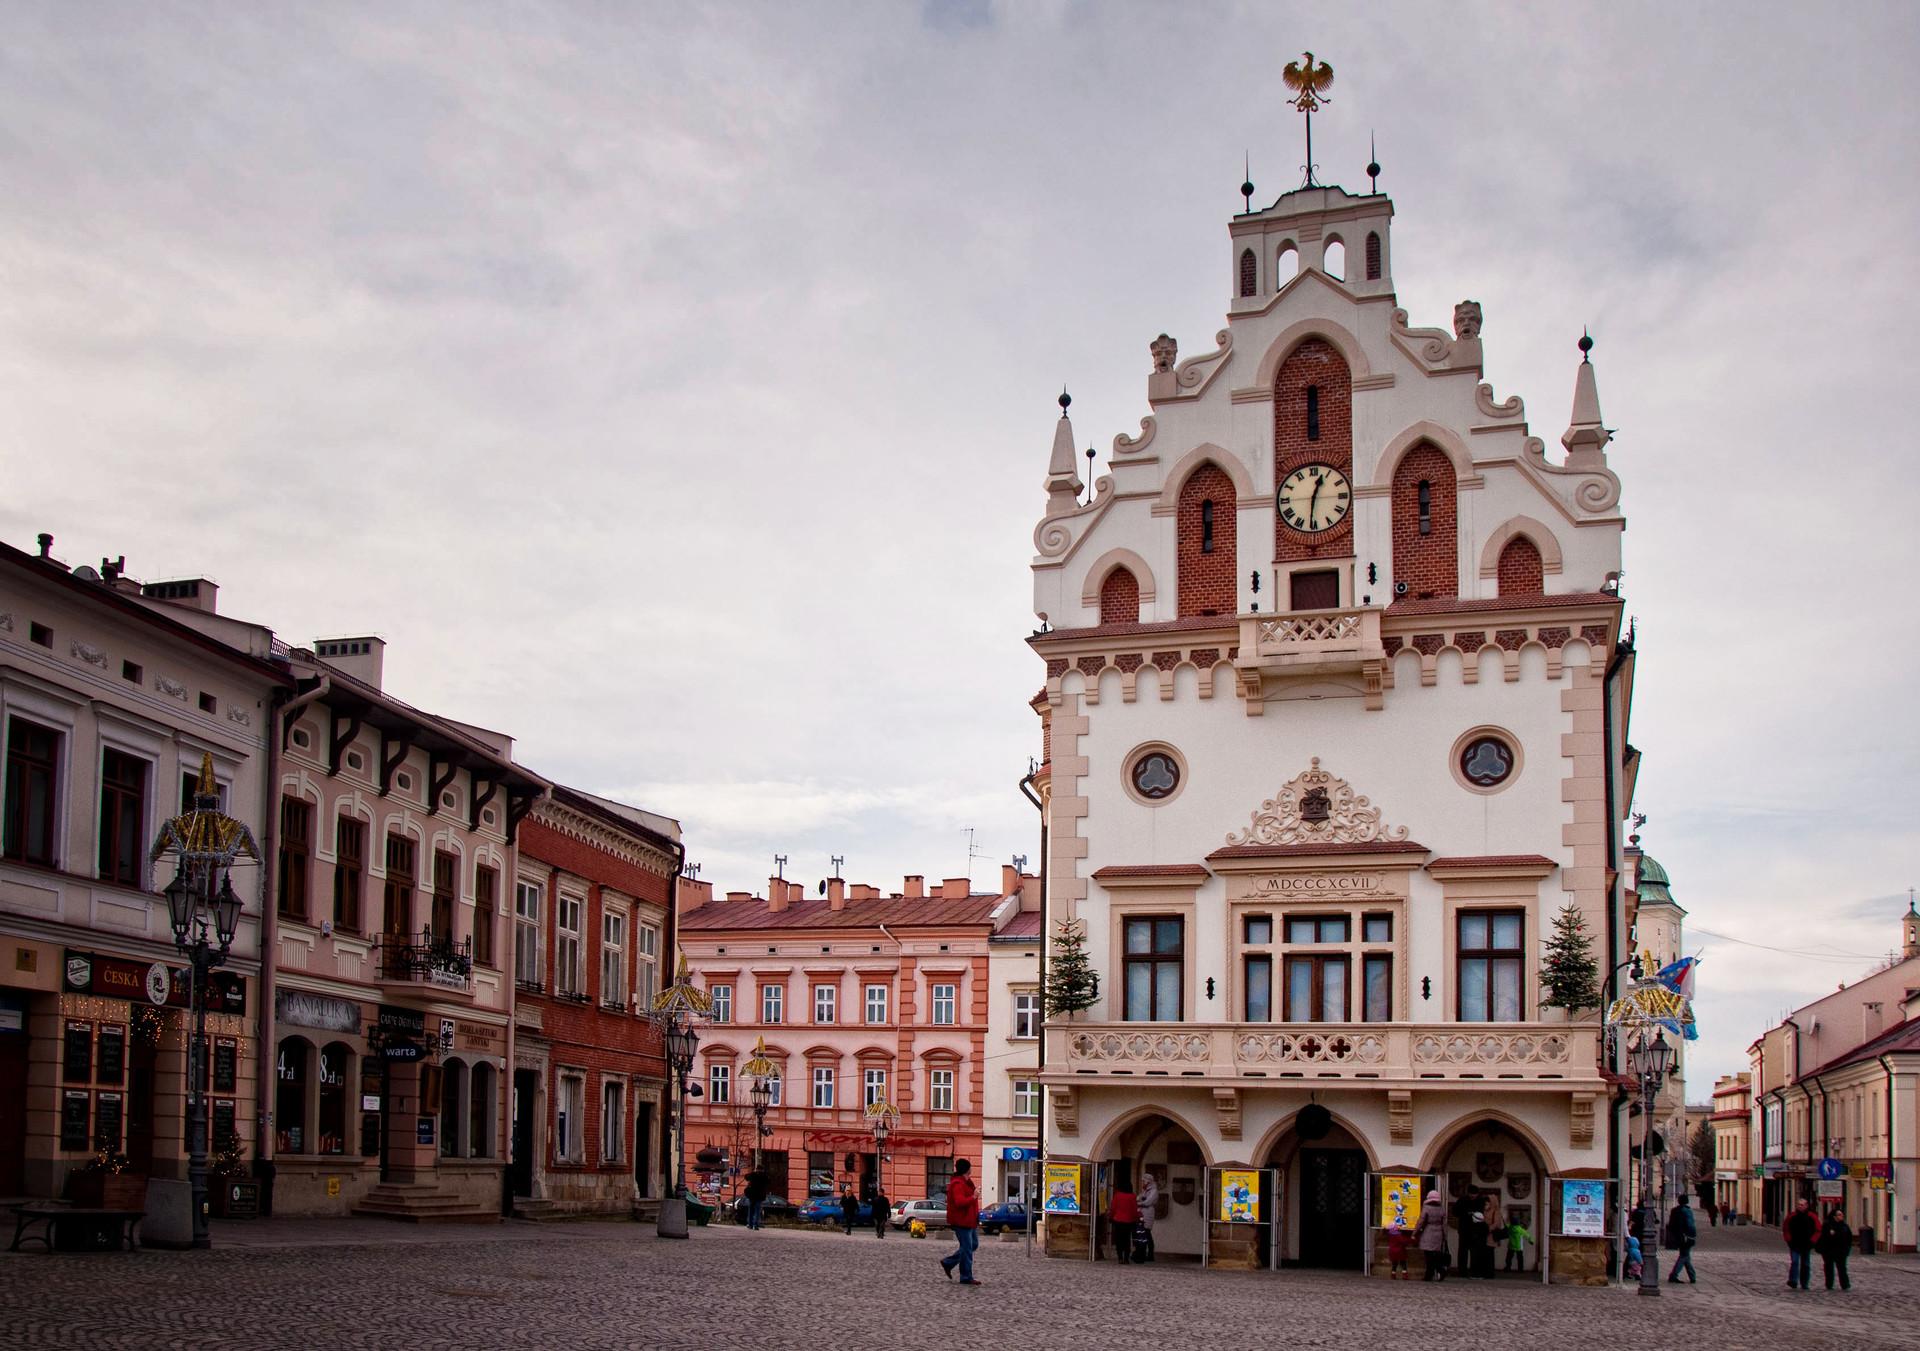 Doświadczenia z Erasmusa w Rzeszowie, Polska oczami Pop